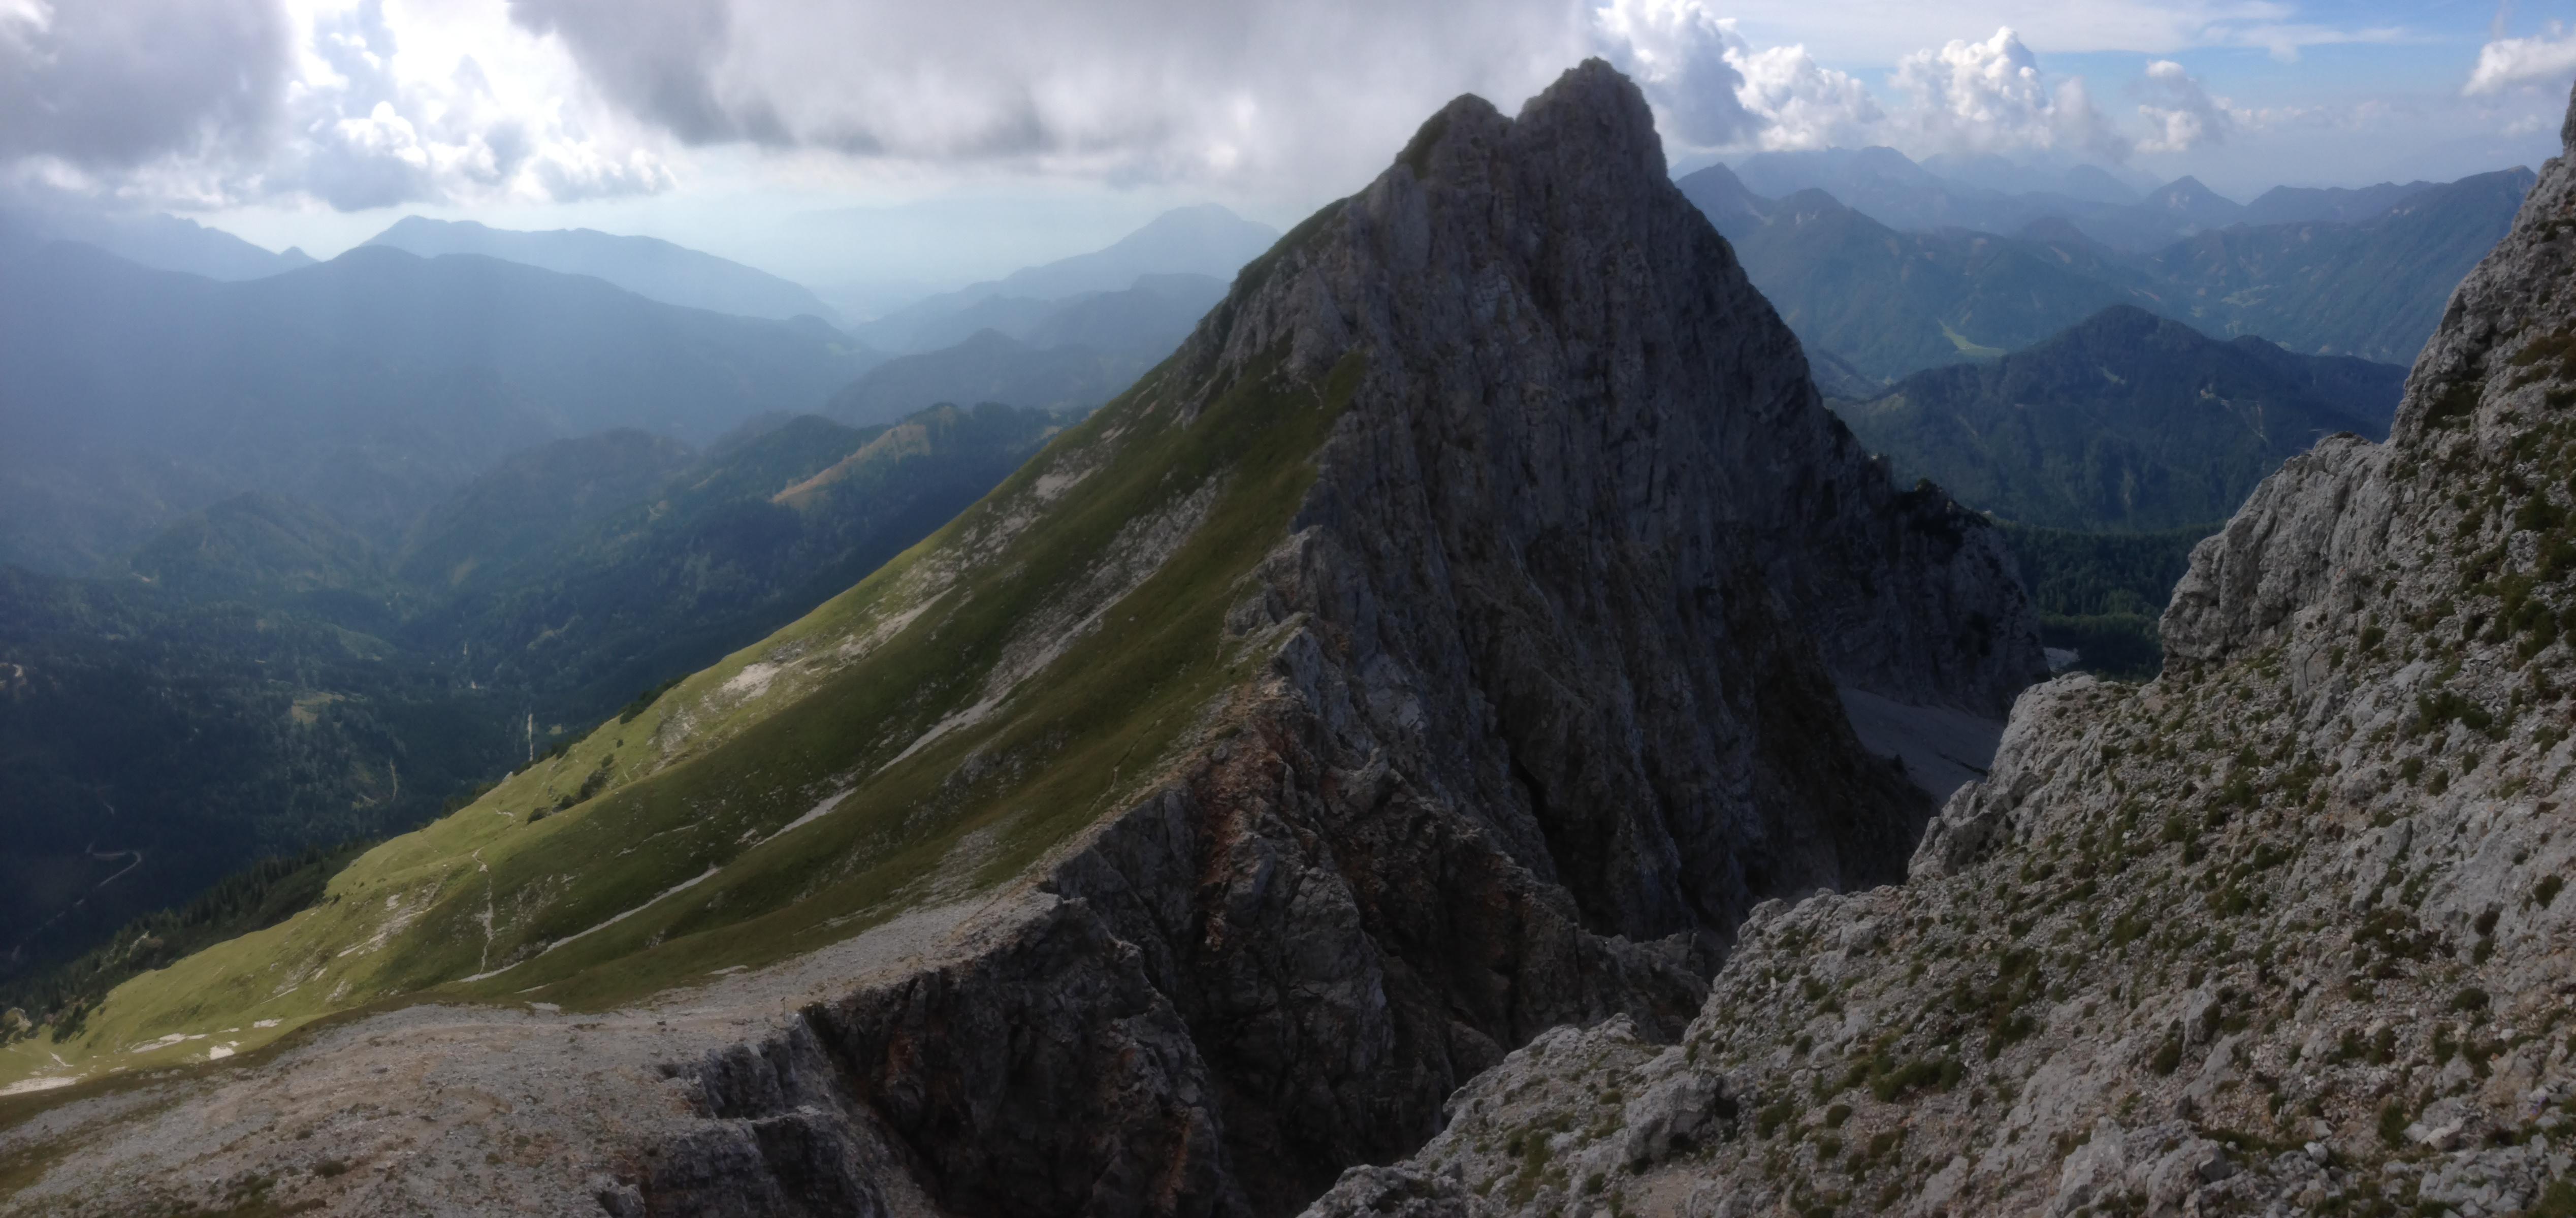 Sončna in temančna stran Alp